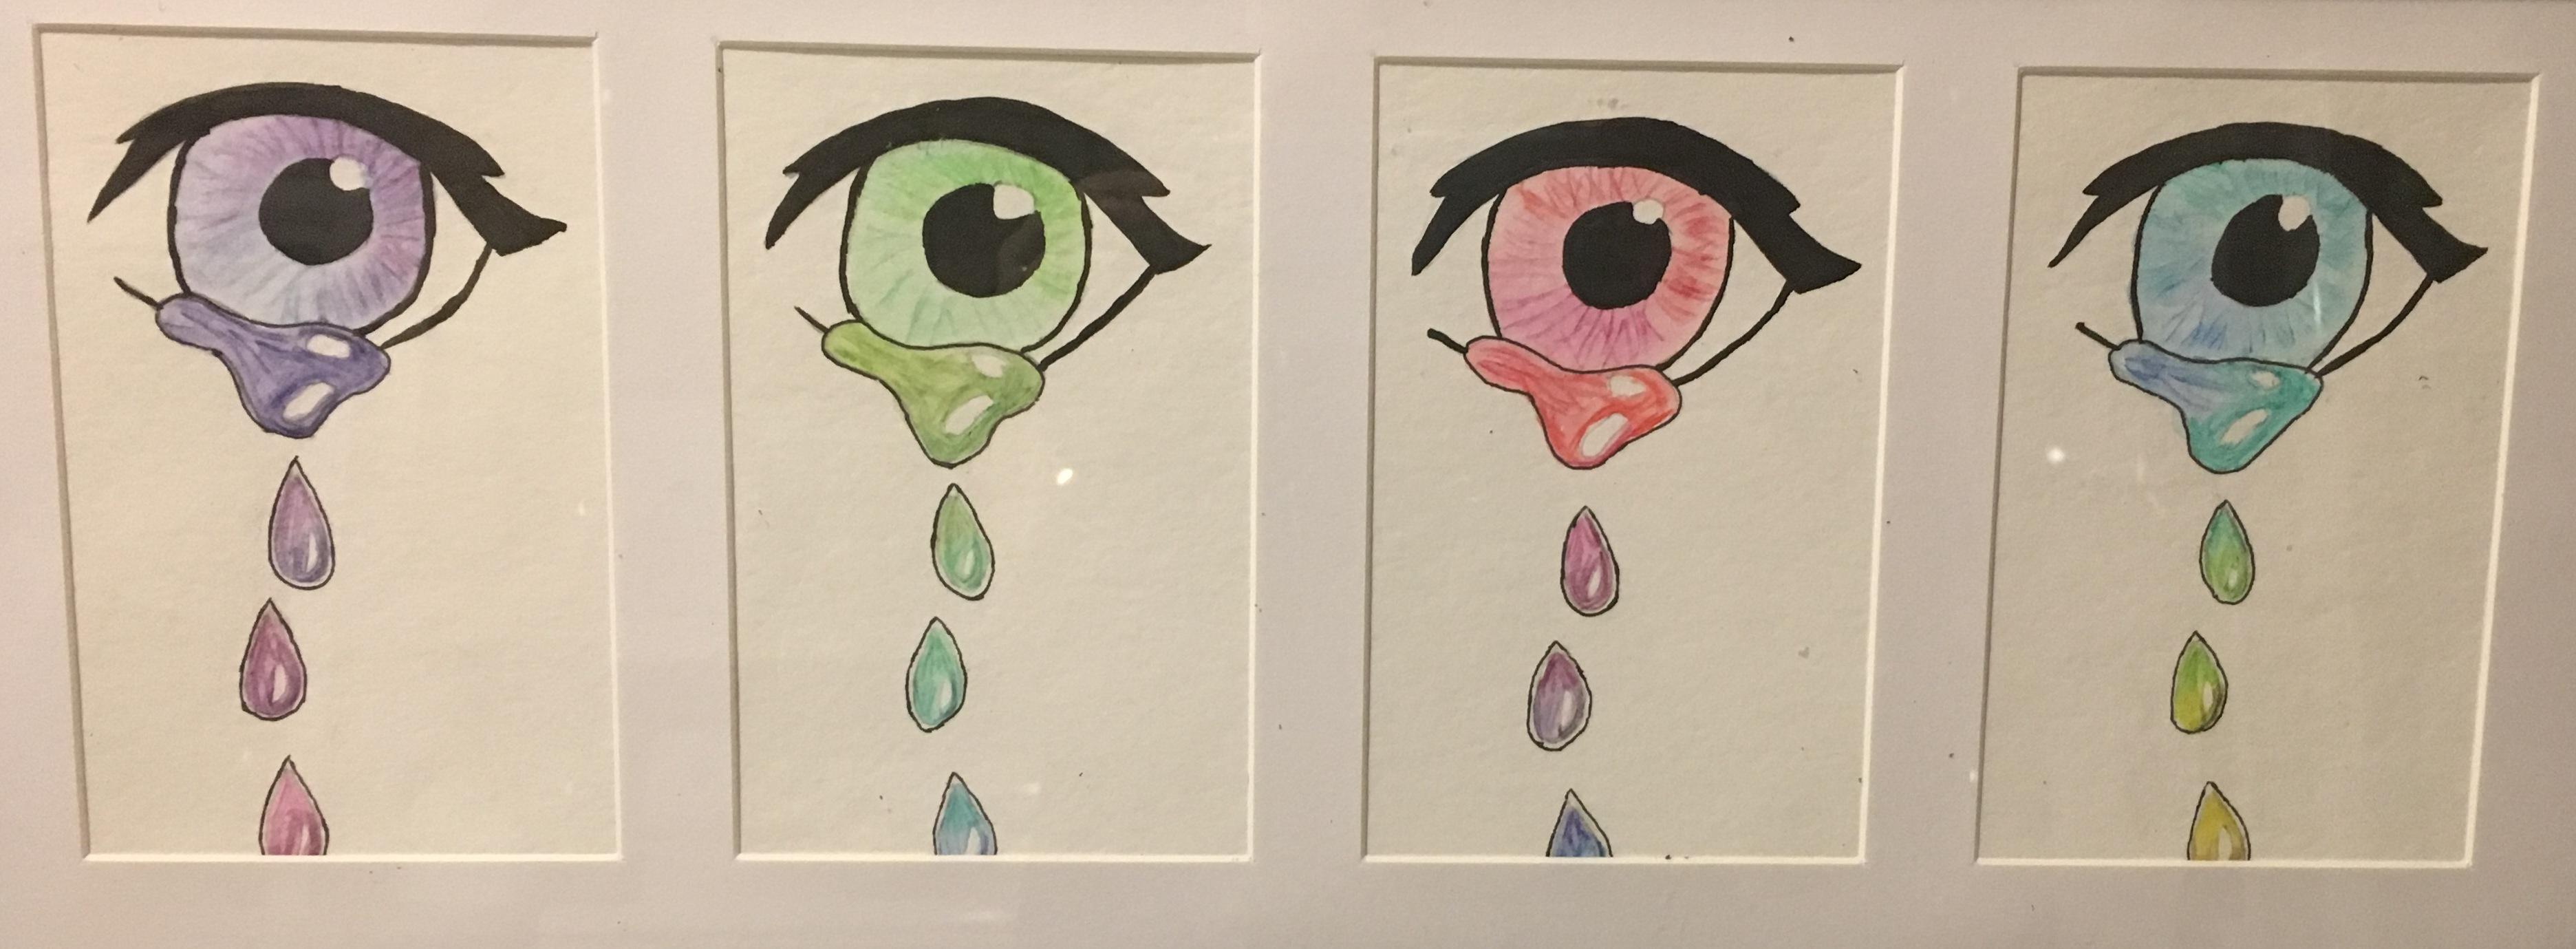 Haylee Boone artwork3 Eyes November 2017